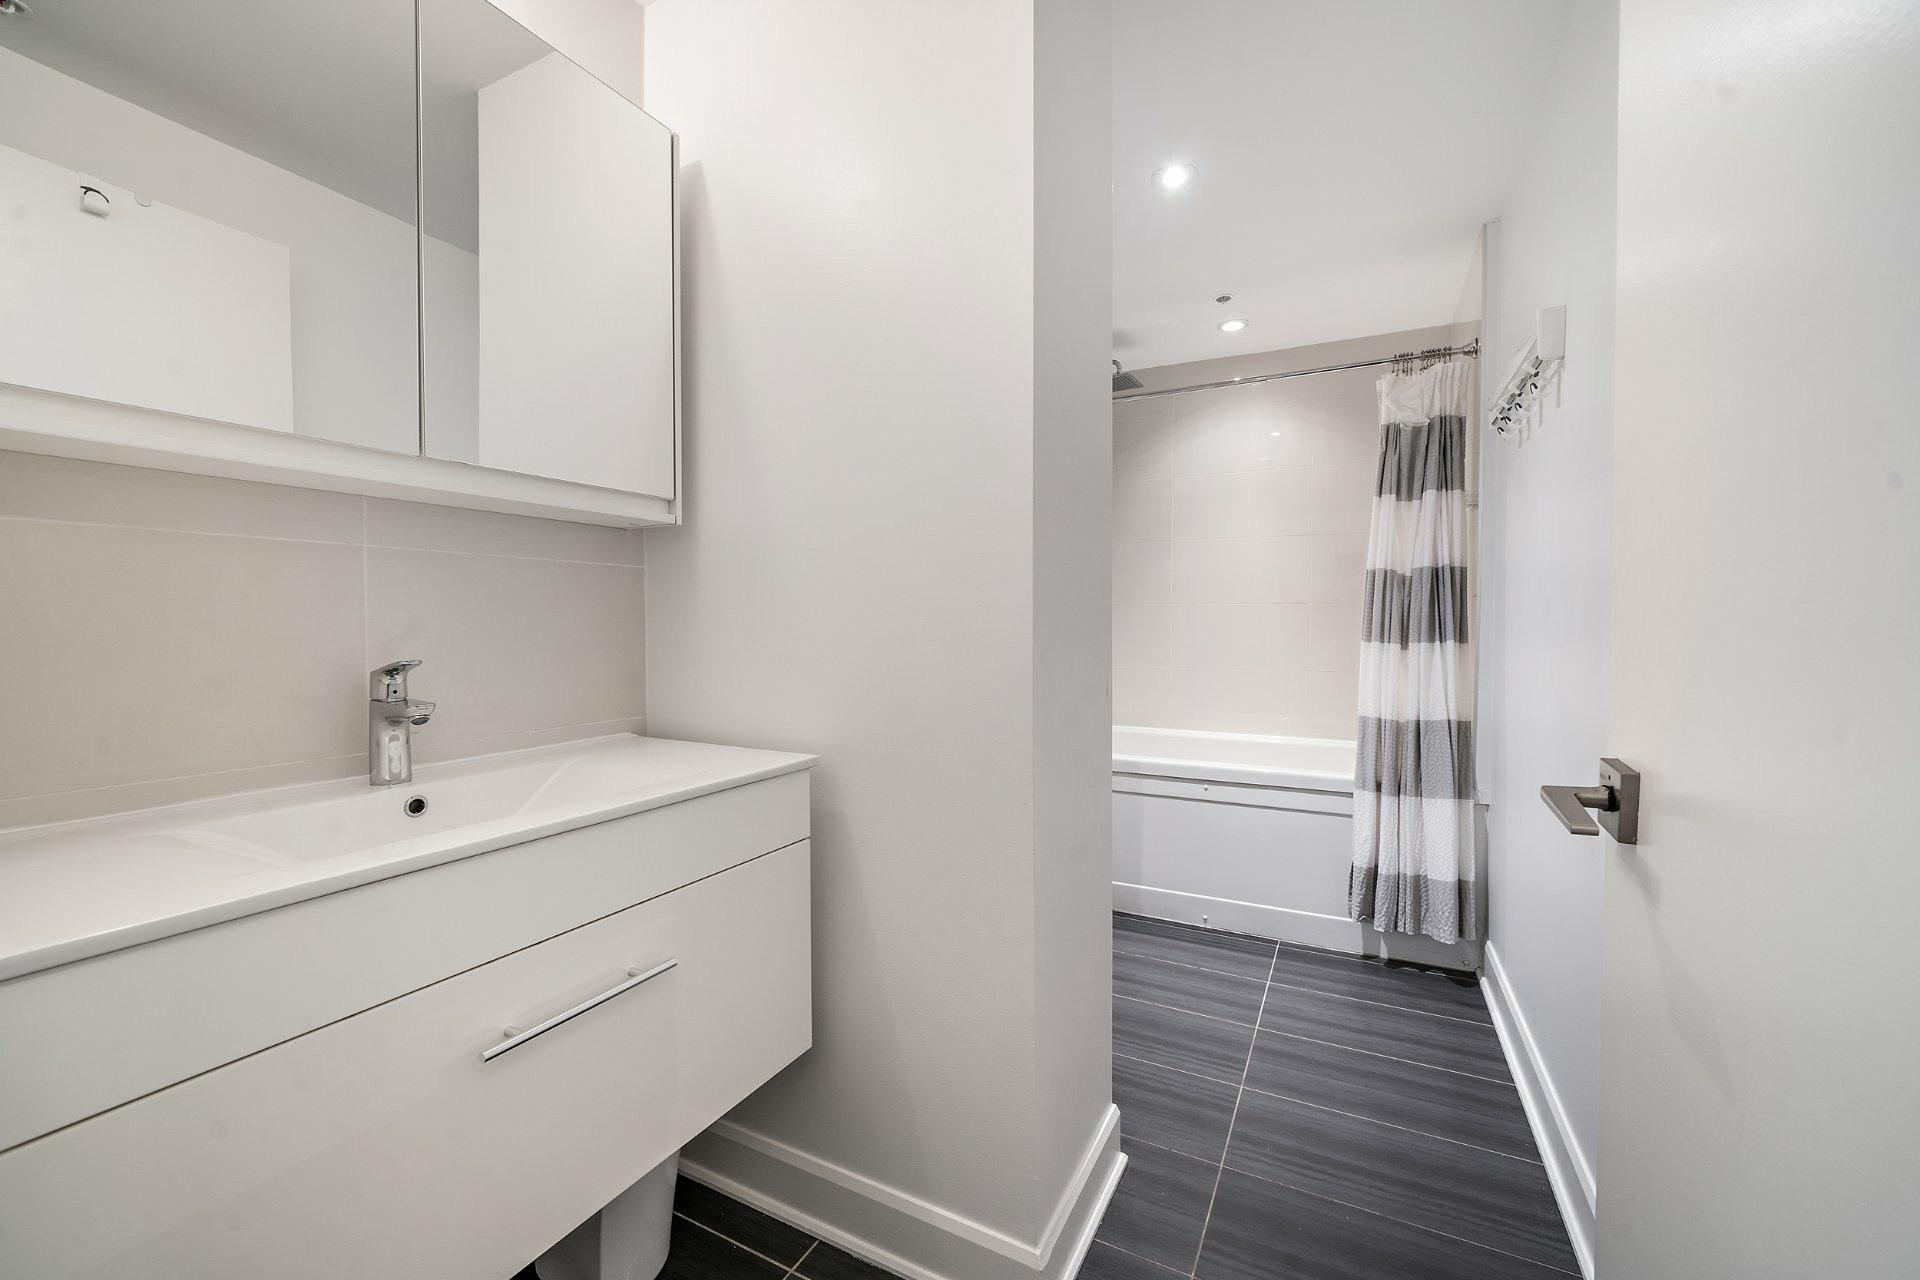 image 12 - Appartement À vendre Ville-Marie Montréal  - 3 pièces